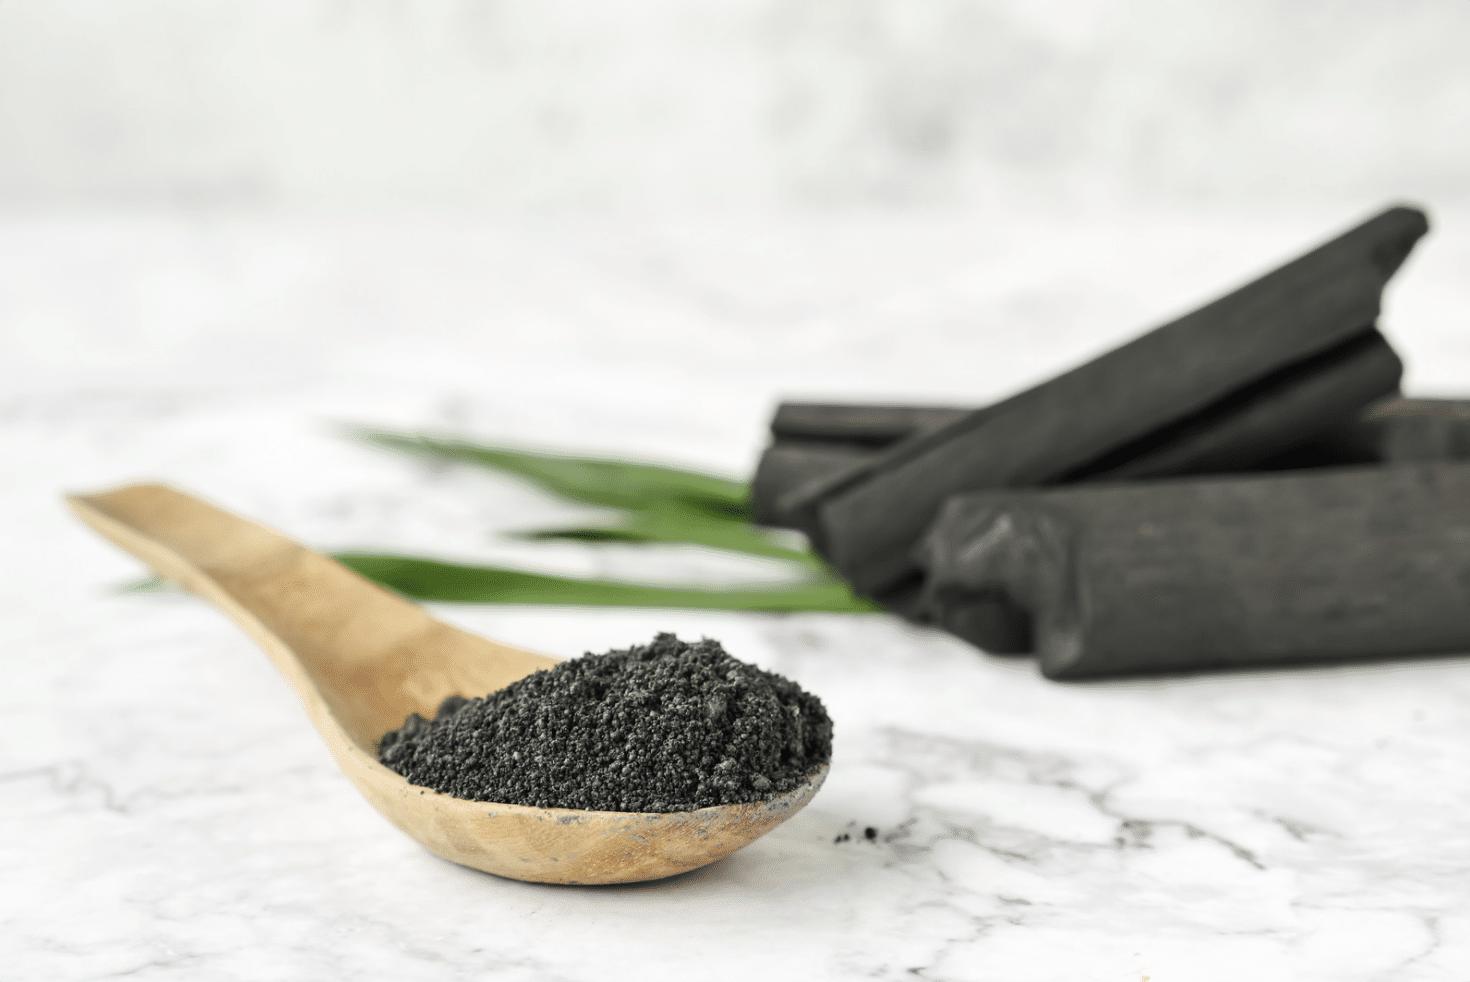 Le charbon polit, blanchit et nettoie les dents